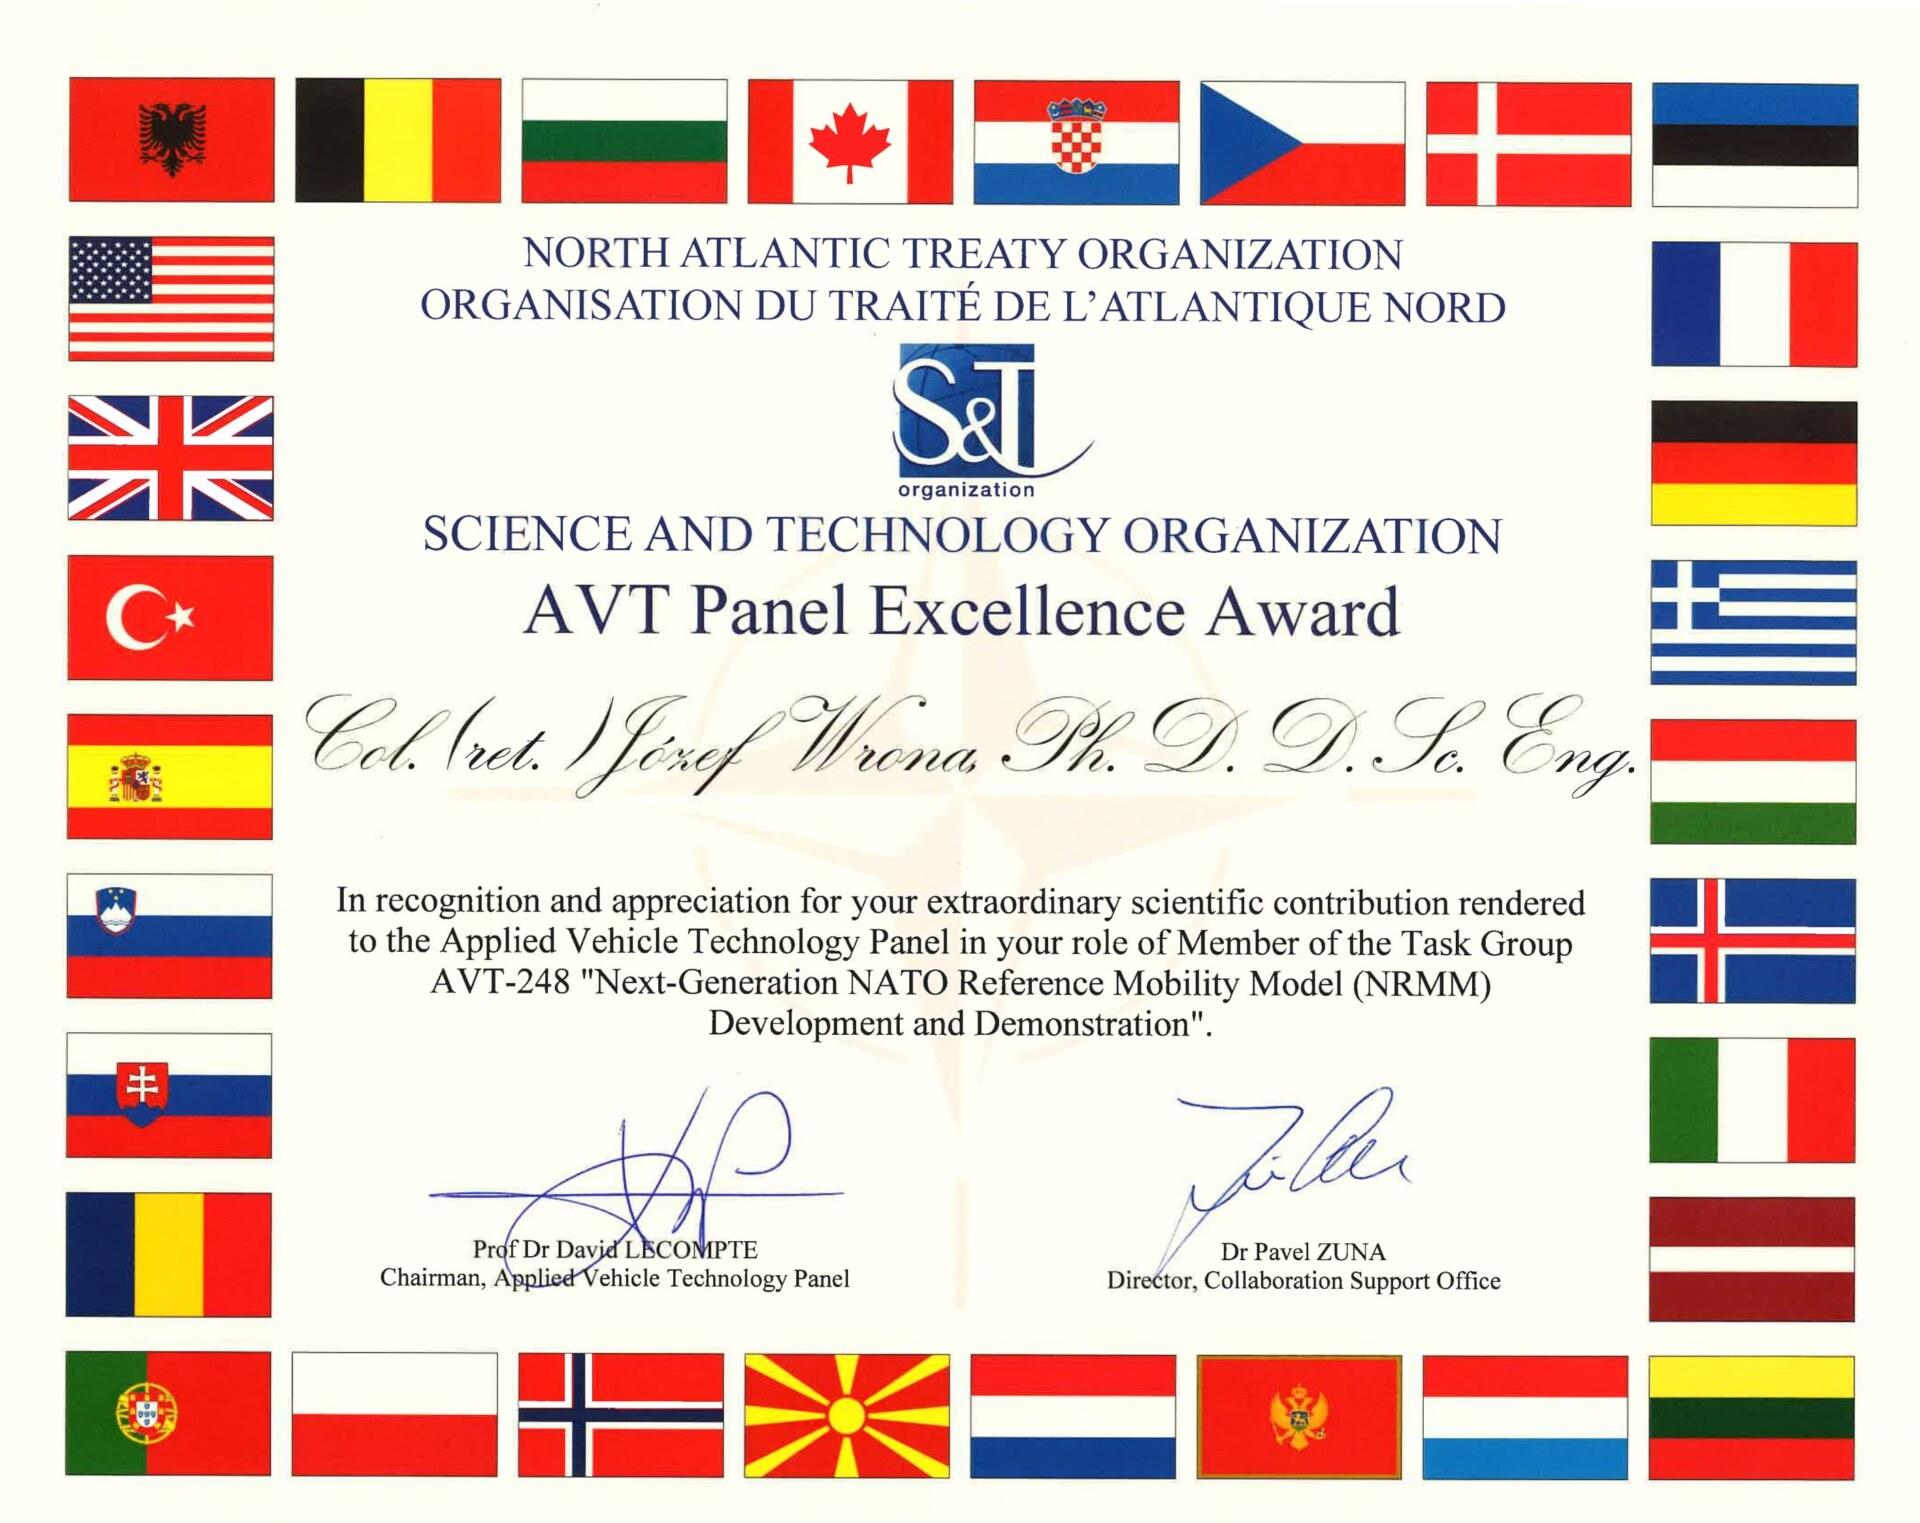 Józef Wrona z Łukasiewicz – PIAP w zespole nagrodzonym przez NATO